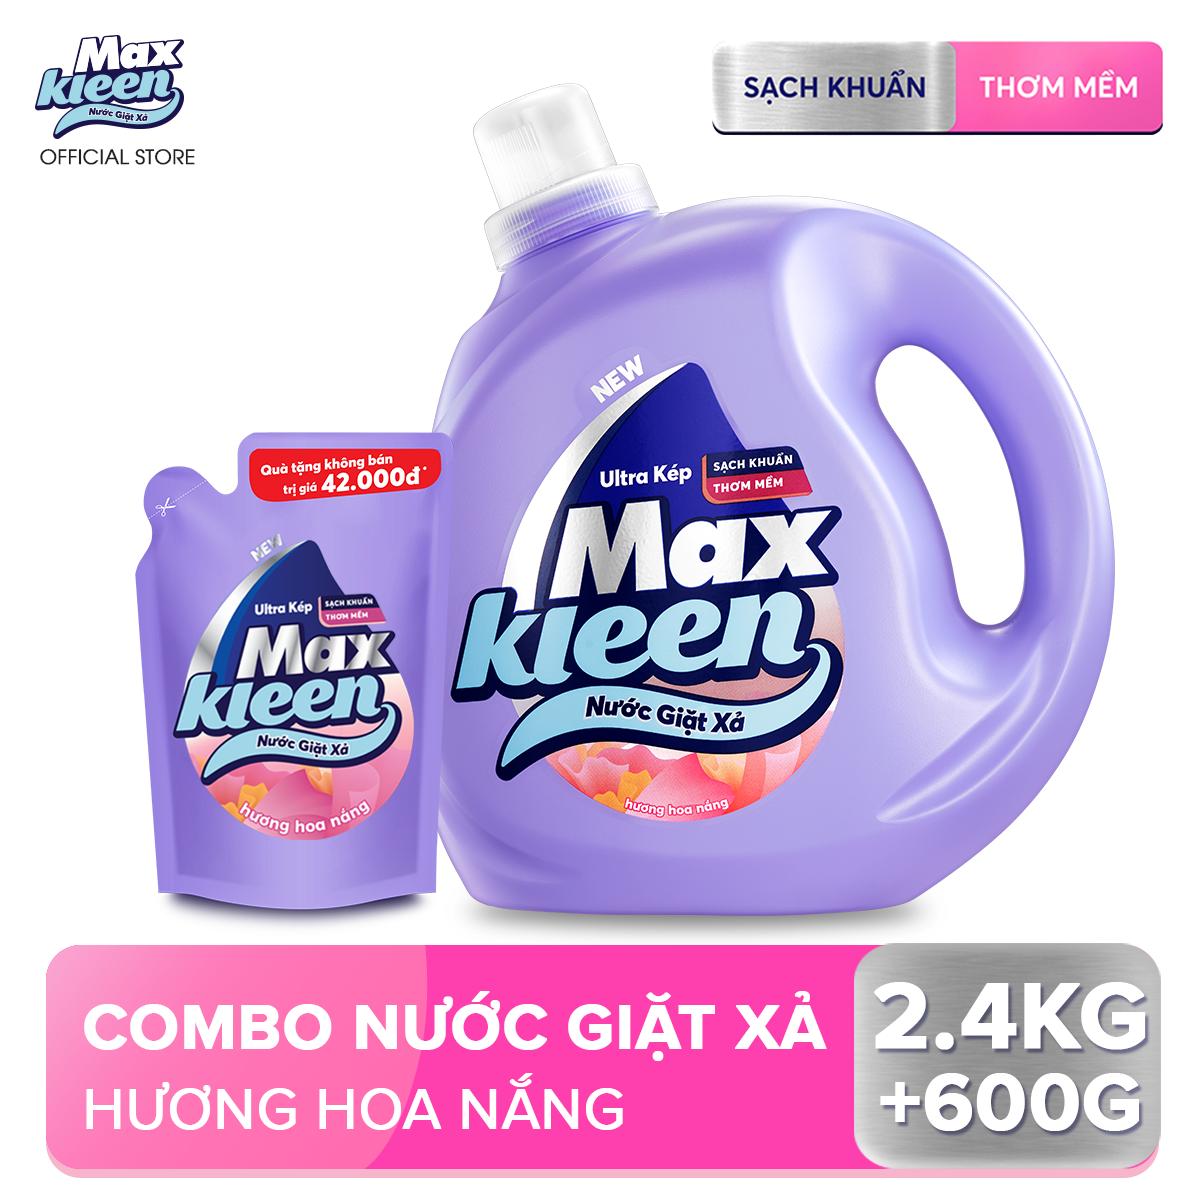 Combo Nước giặt xả Maxkleen hương hoa nắng: 1 Chai 2.4kg + 1 Túi 600g